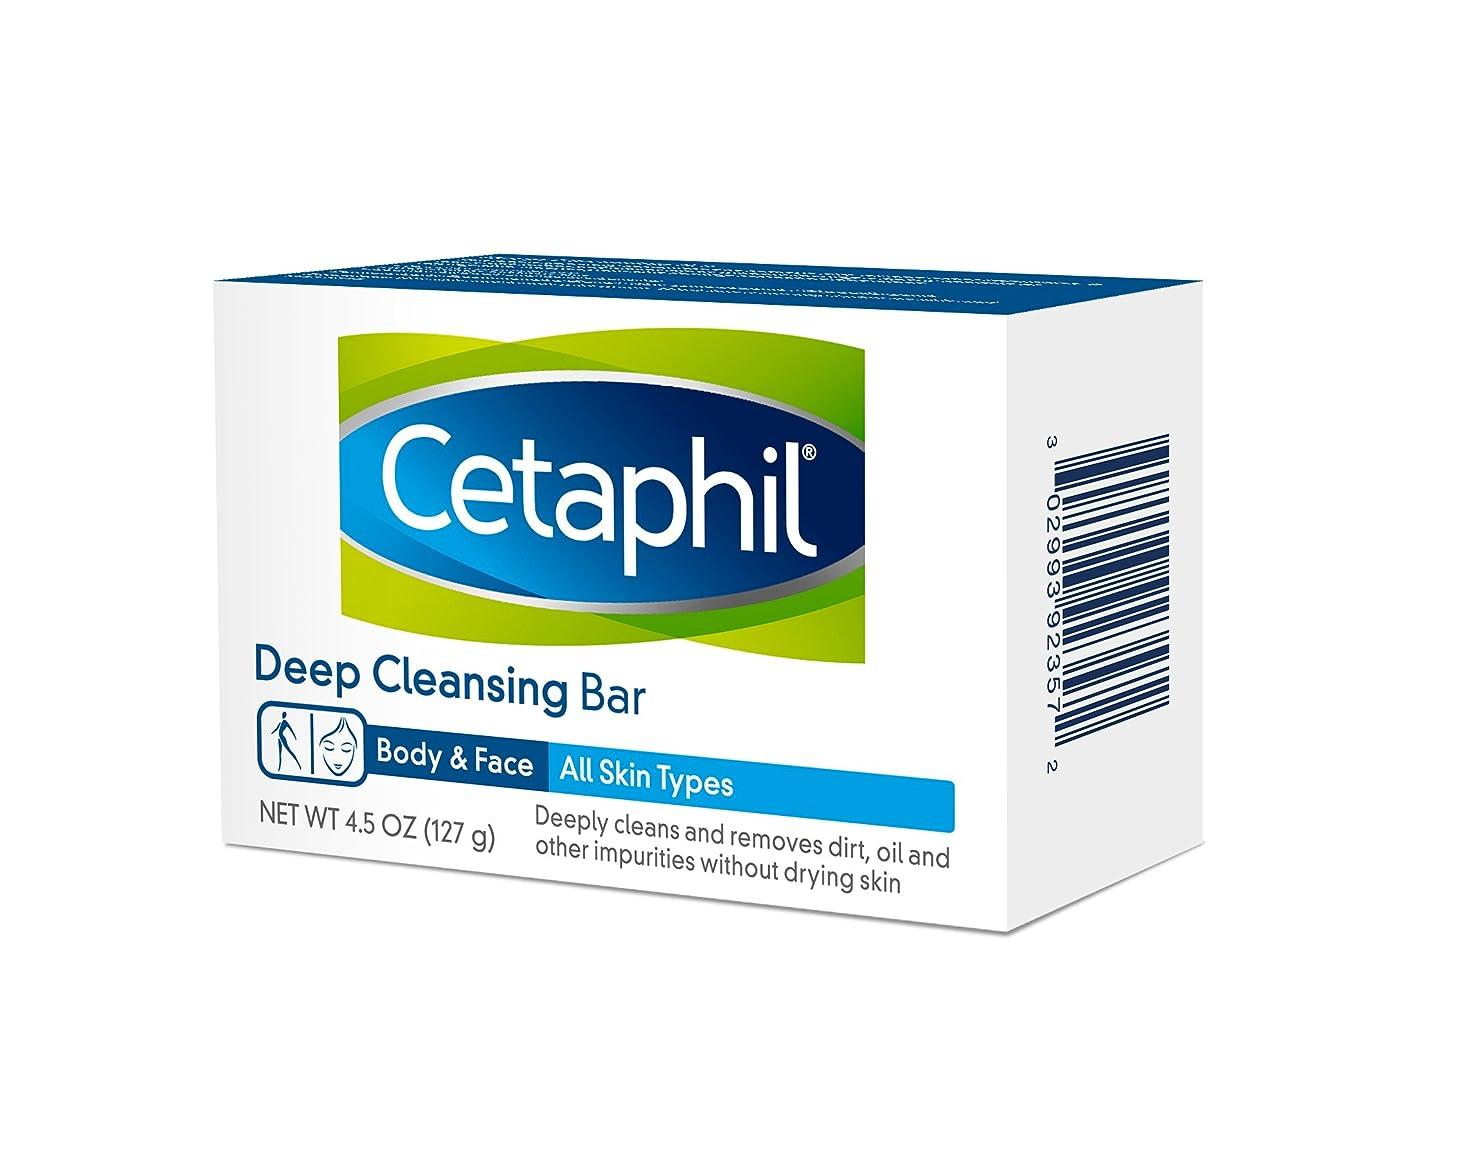 薄いお風呂王女Cetaphil Deep Cleansing Face Body Bar for All Skin Types 127g×6個セット 並行輸入品